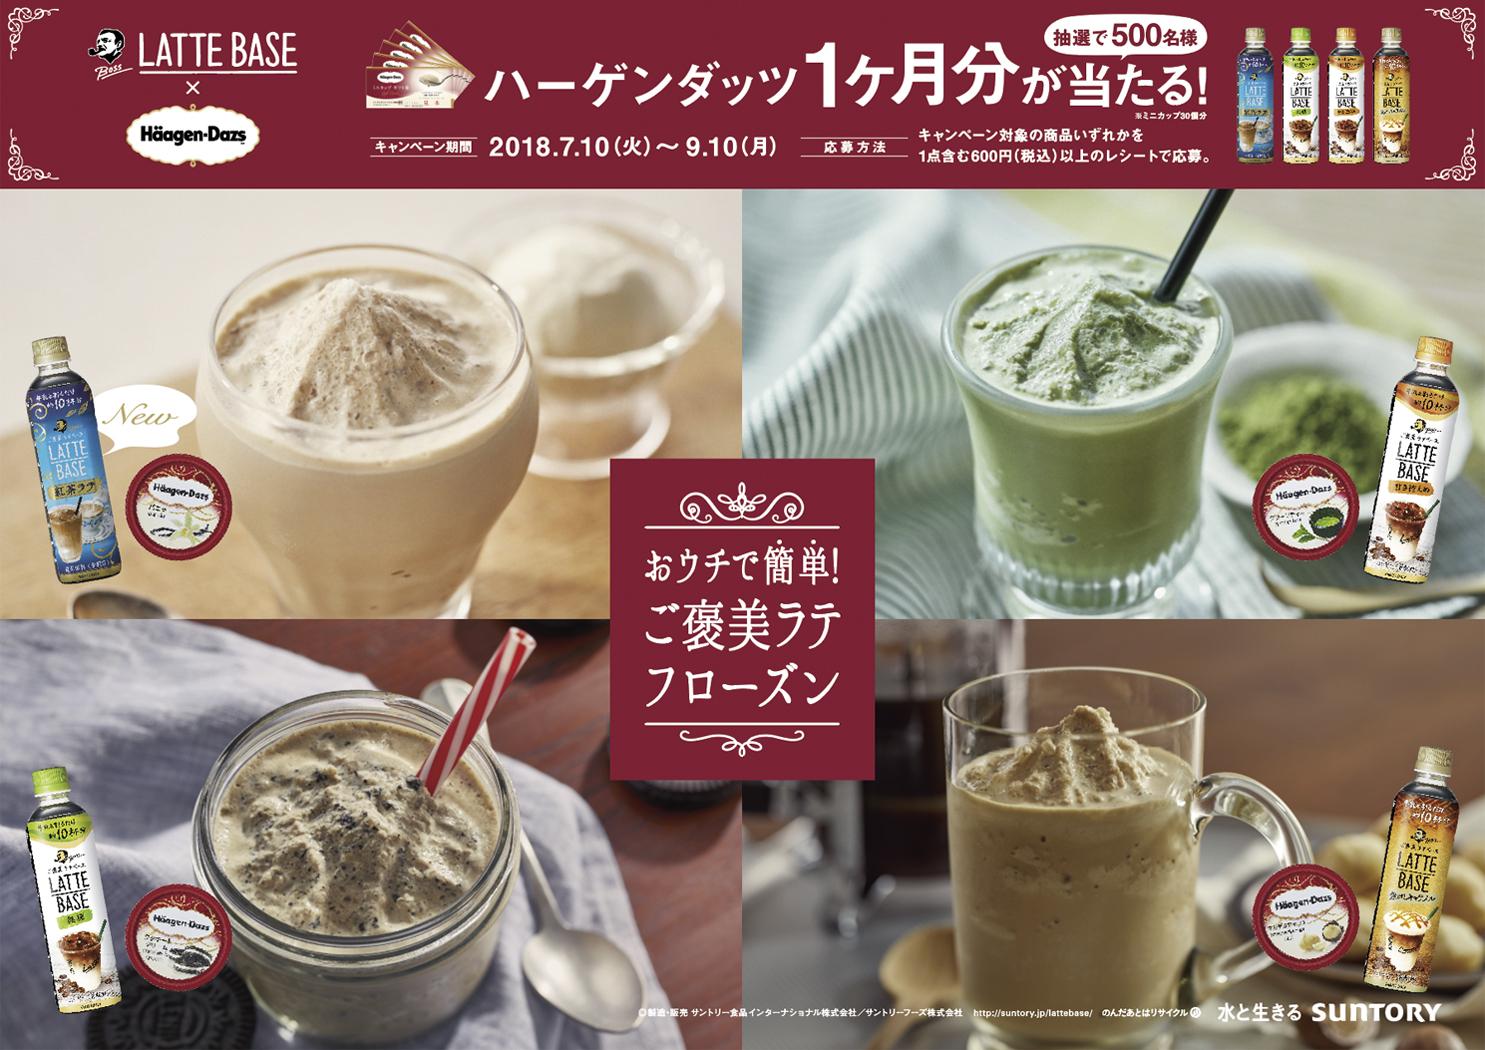 Suntory boss LatteBase×Haagen-Dazs  B3board